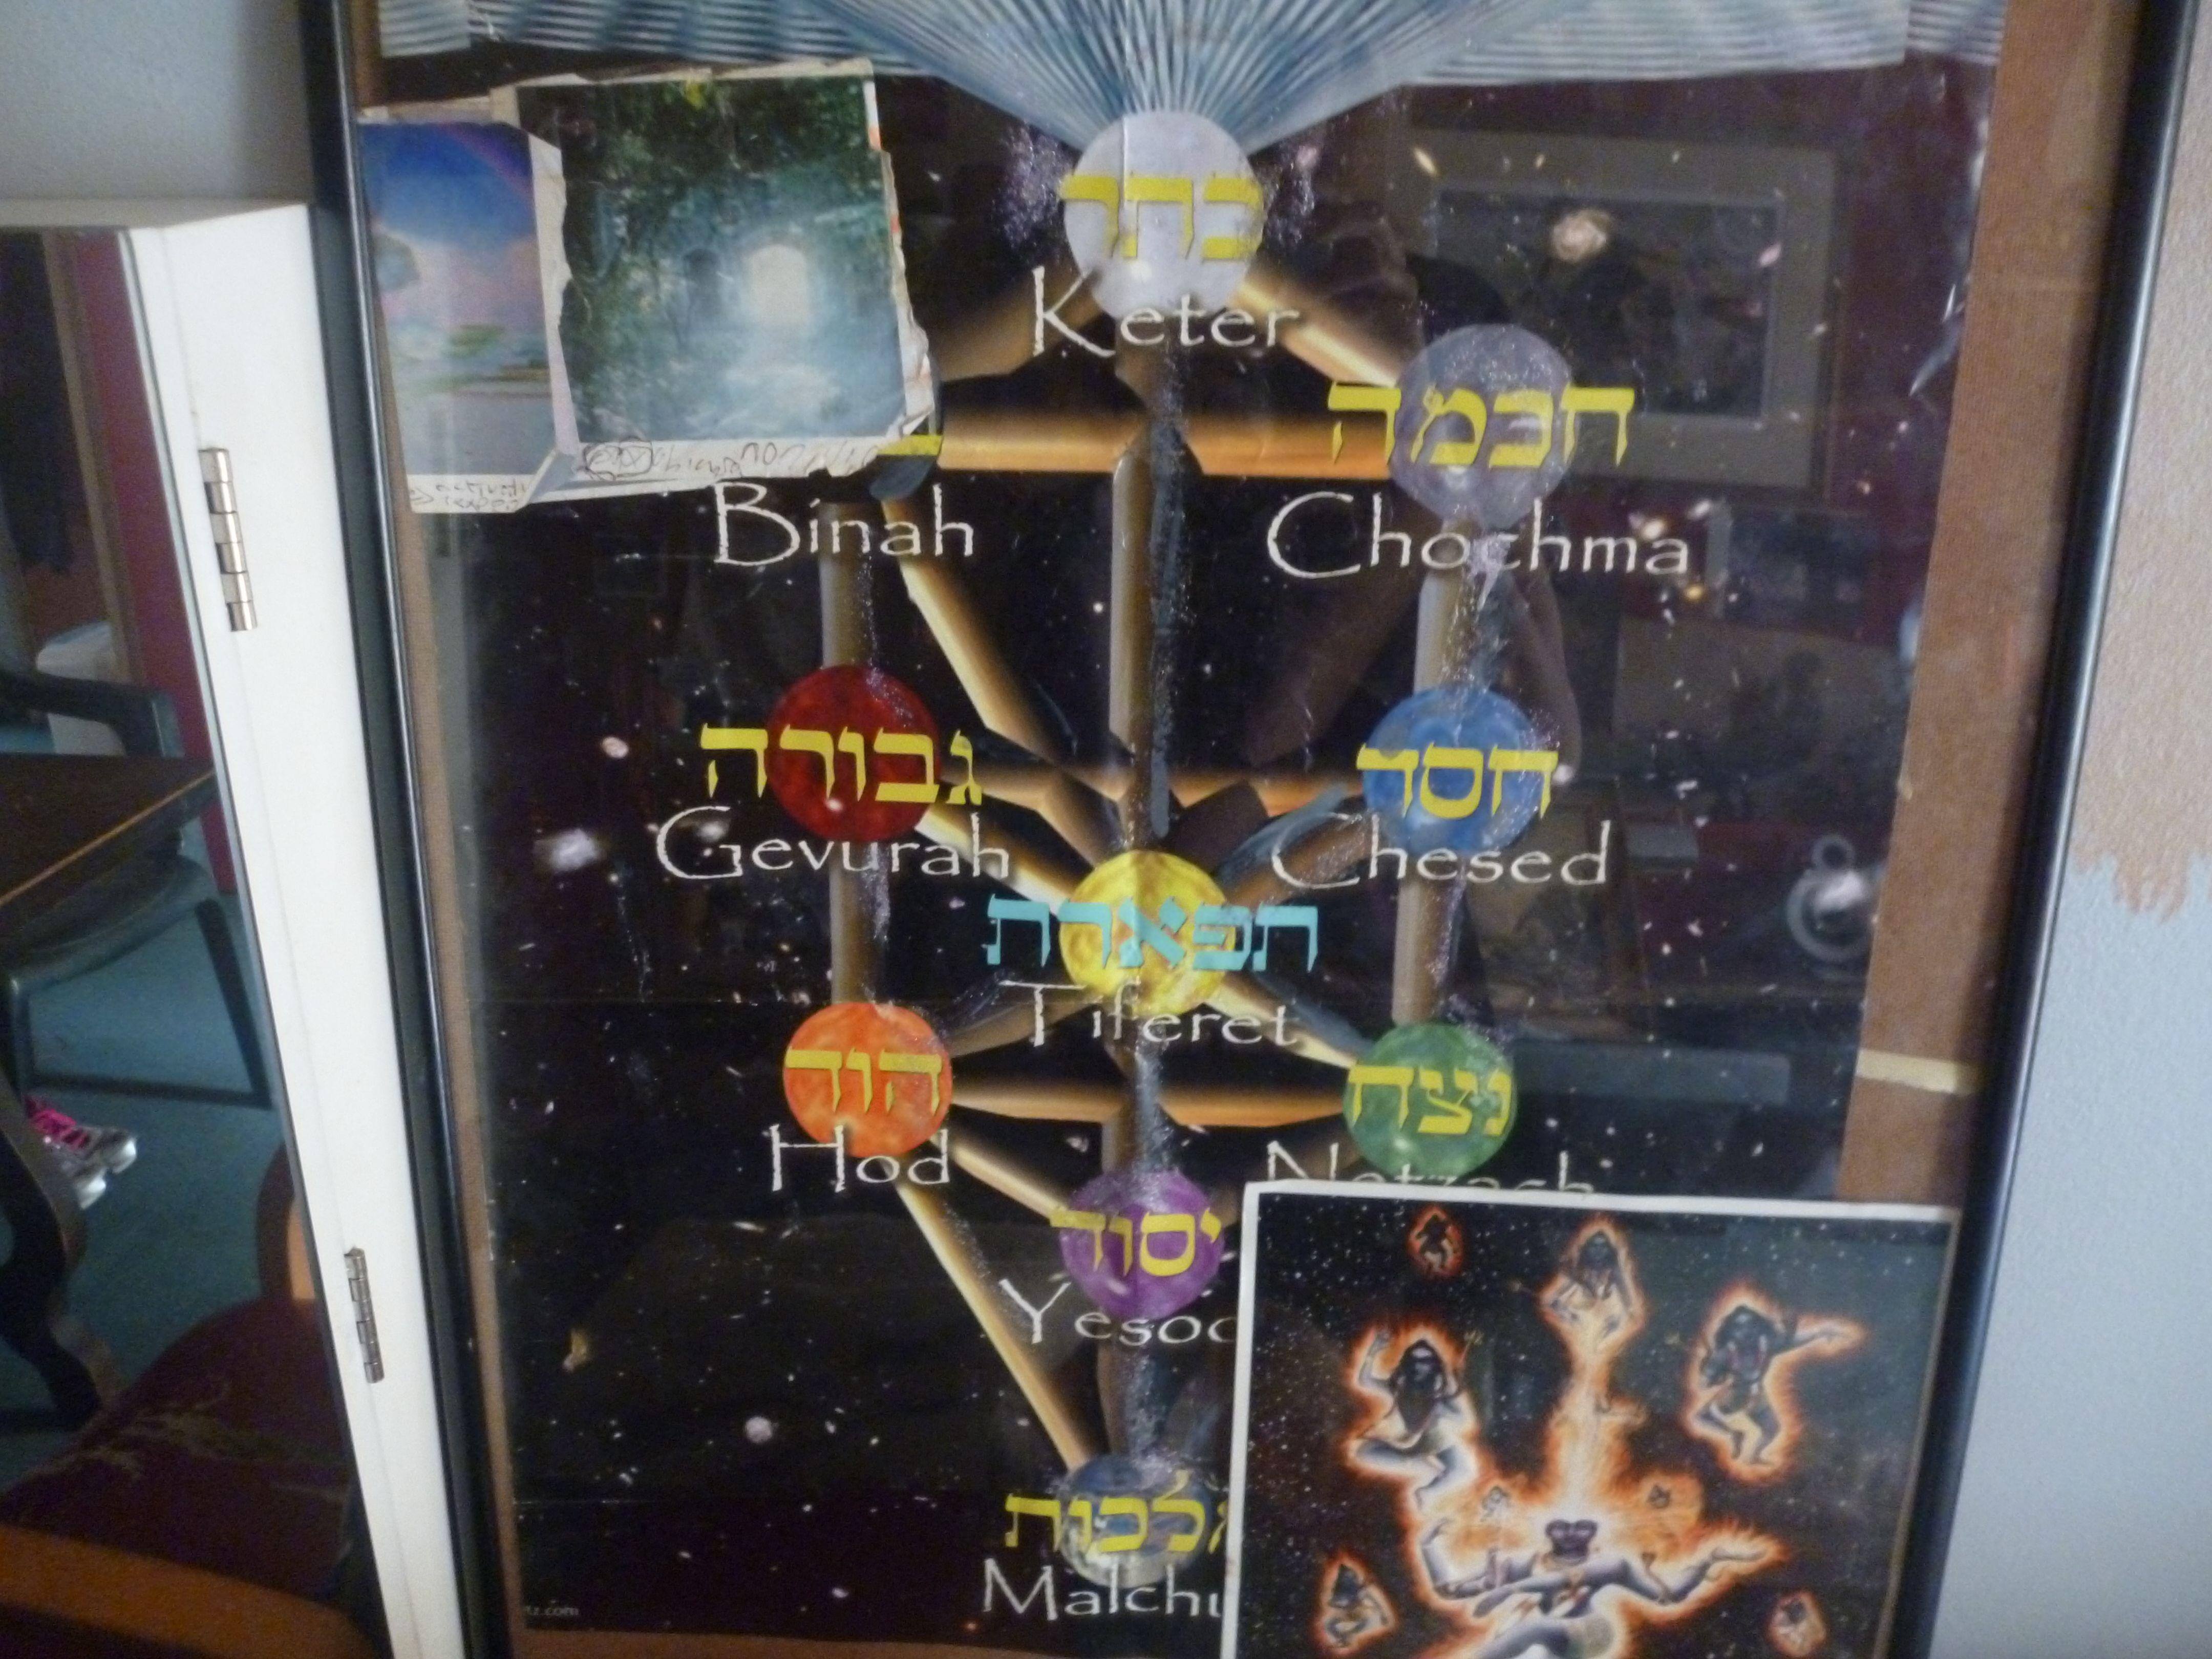 tree of life #kabbala with Shiva nataraja cosmic dancer poster from #HareKrishna store